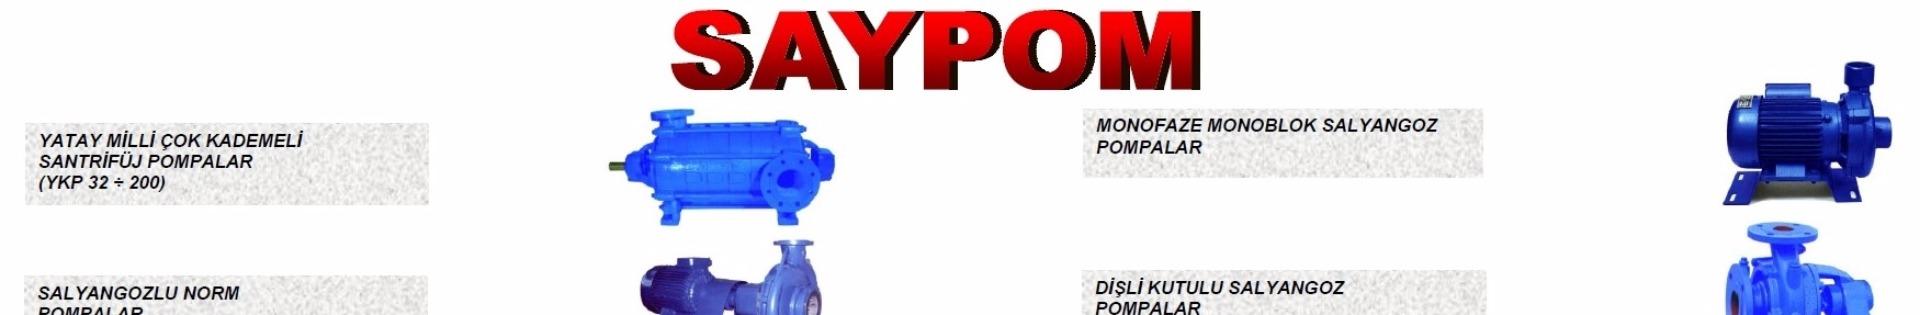 Saypom